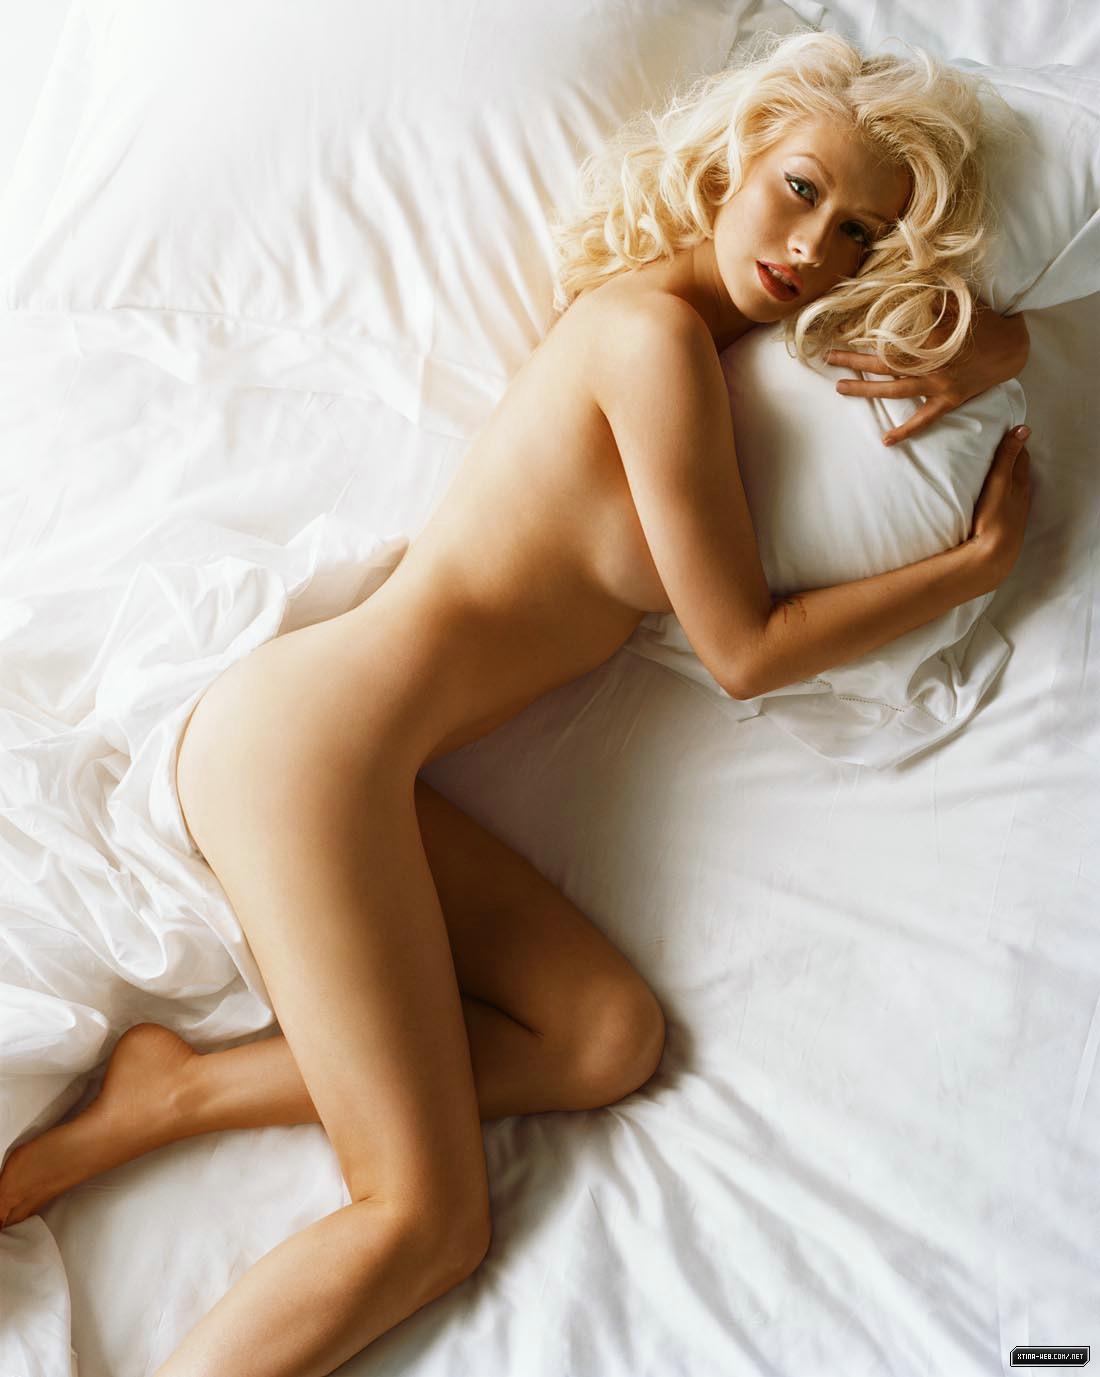 Aguilera Cristina porno